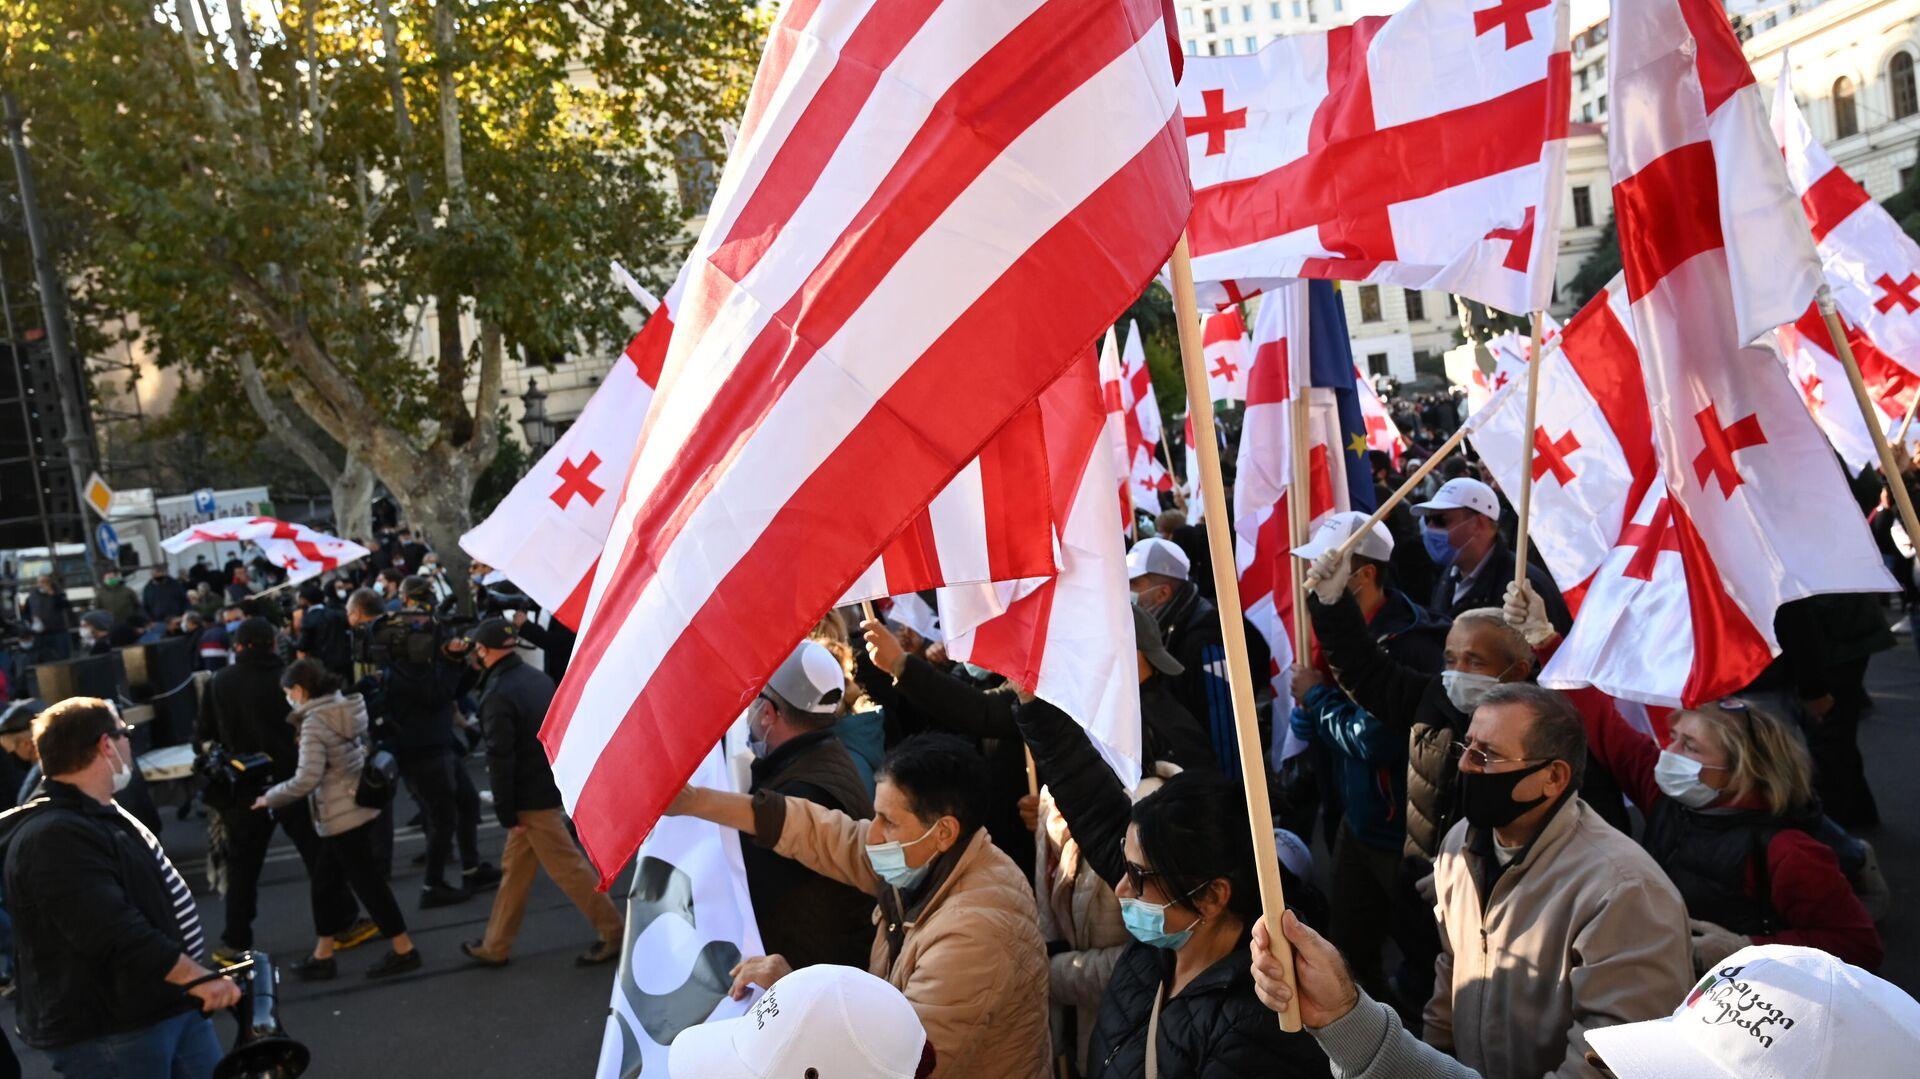 Участники акции оппозиции в Тбилиси - РИА Новости, 1920, 14.11.2020